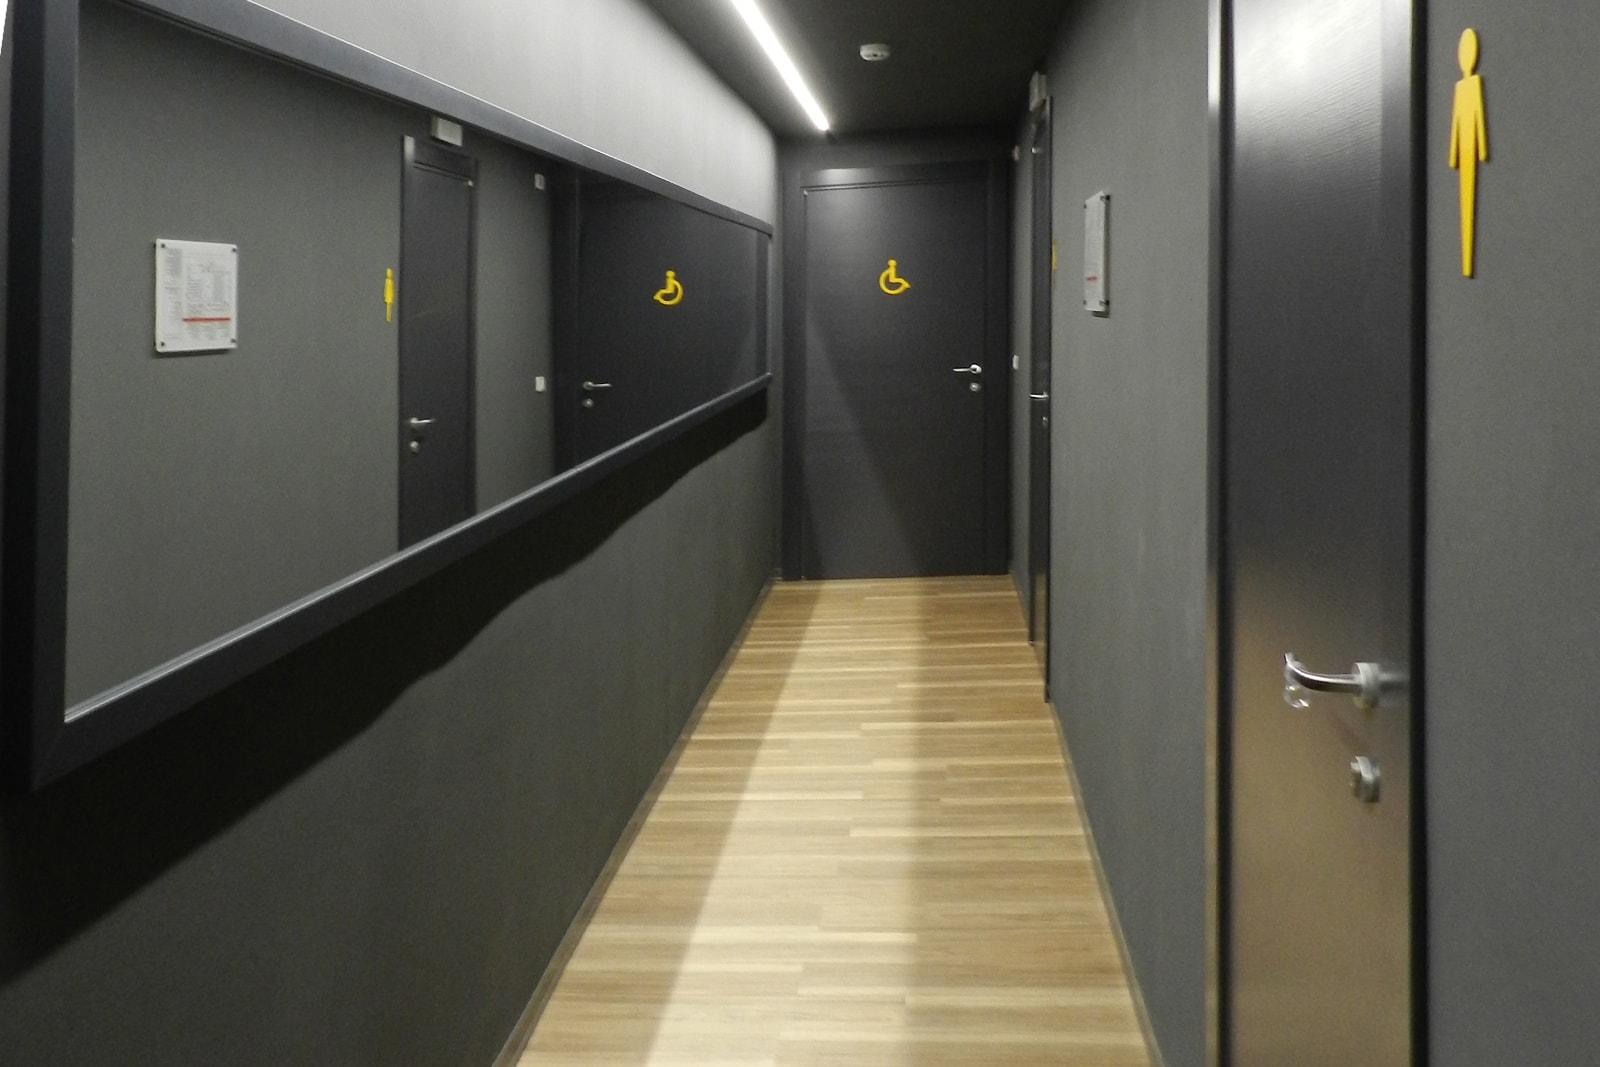 arredo grandi impianti a Grosseto - corridoio toilette